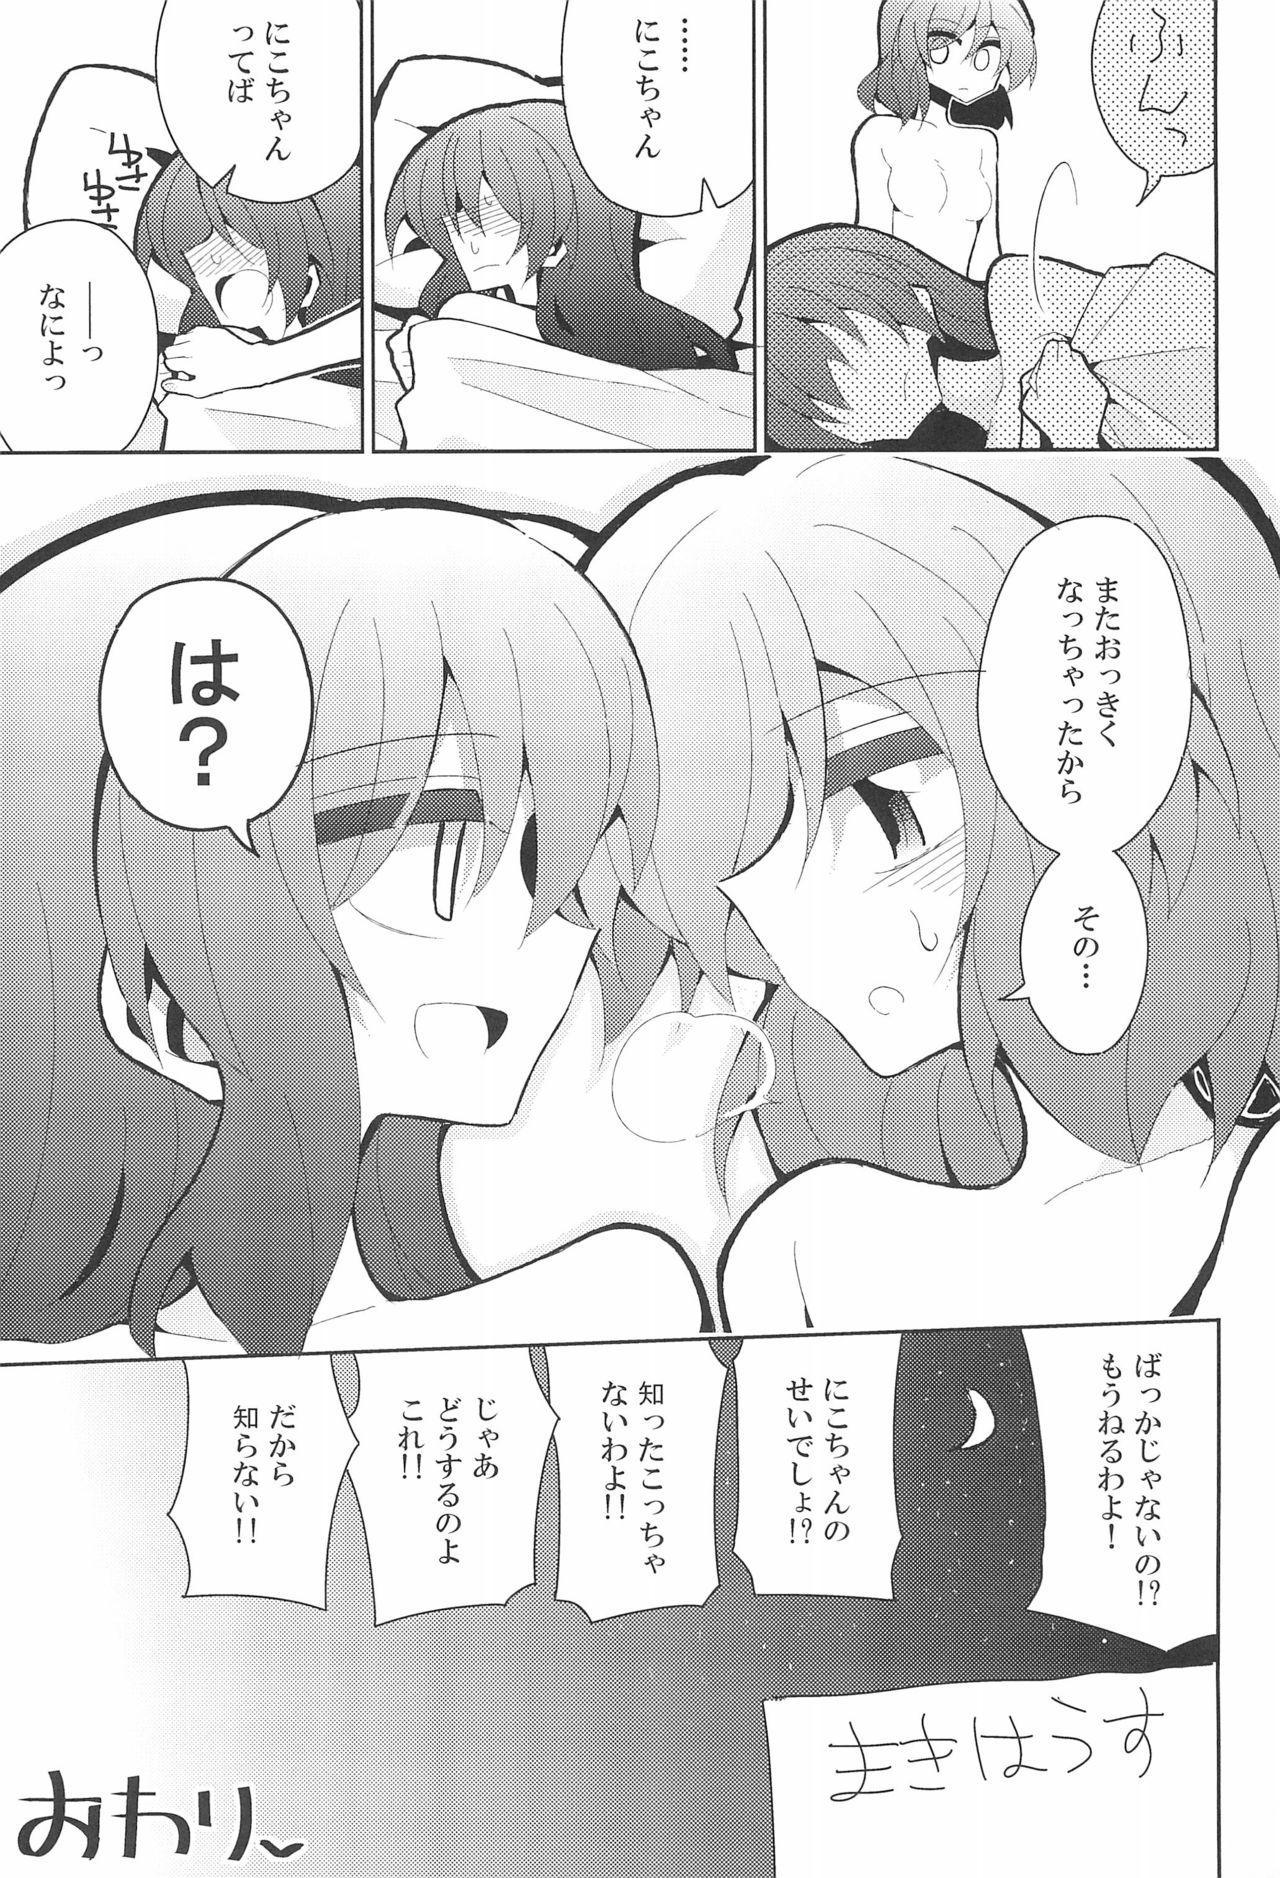 NicoMaki Futanari Sex 34